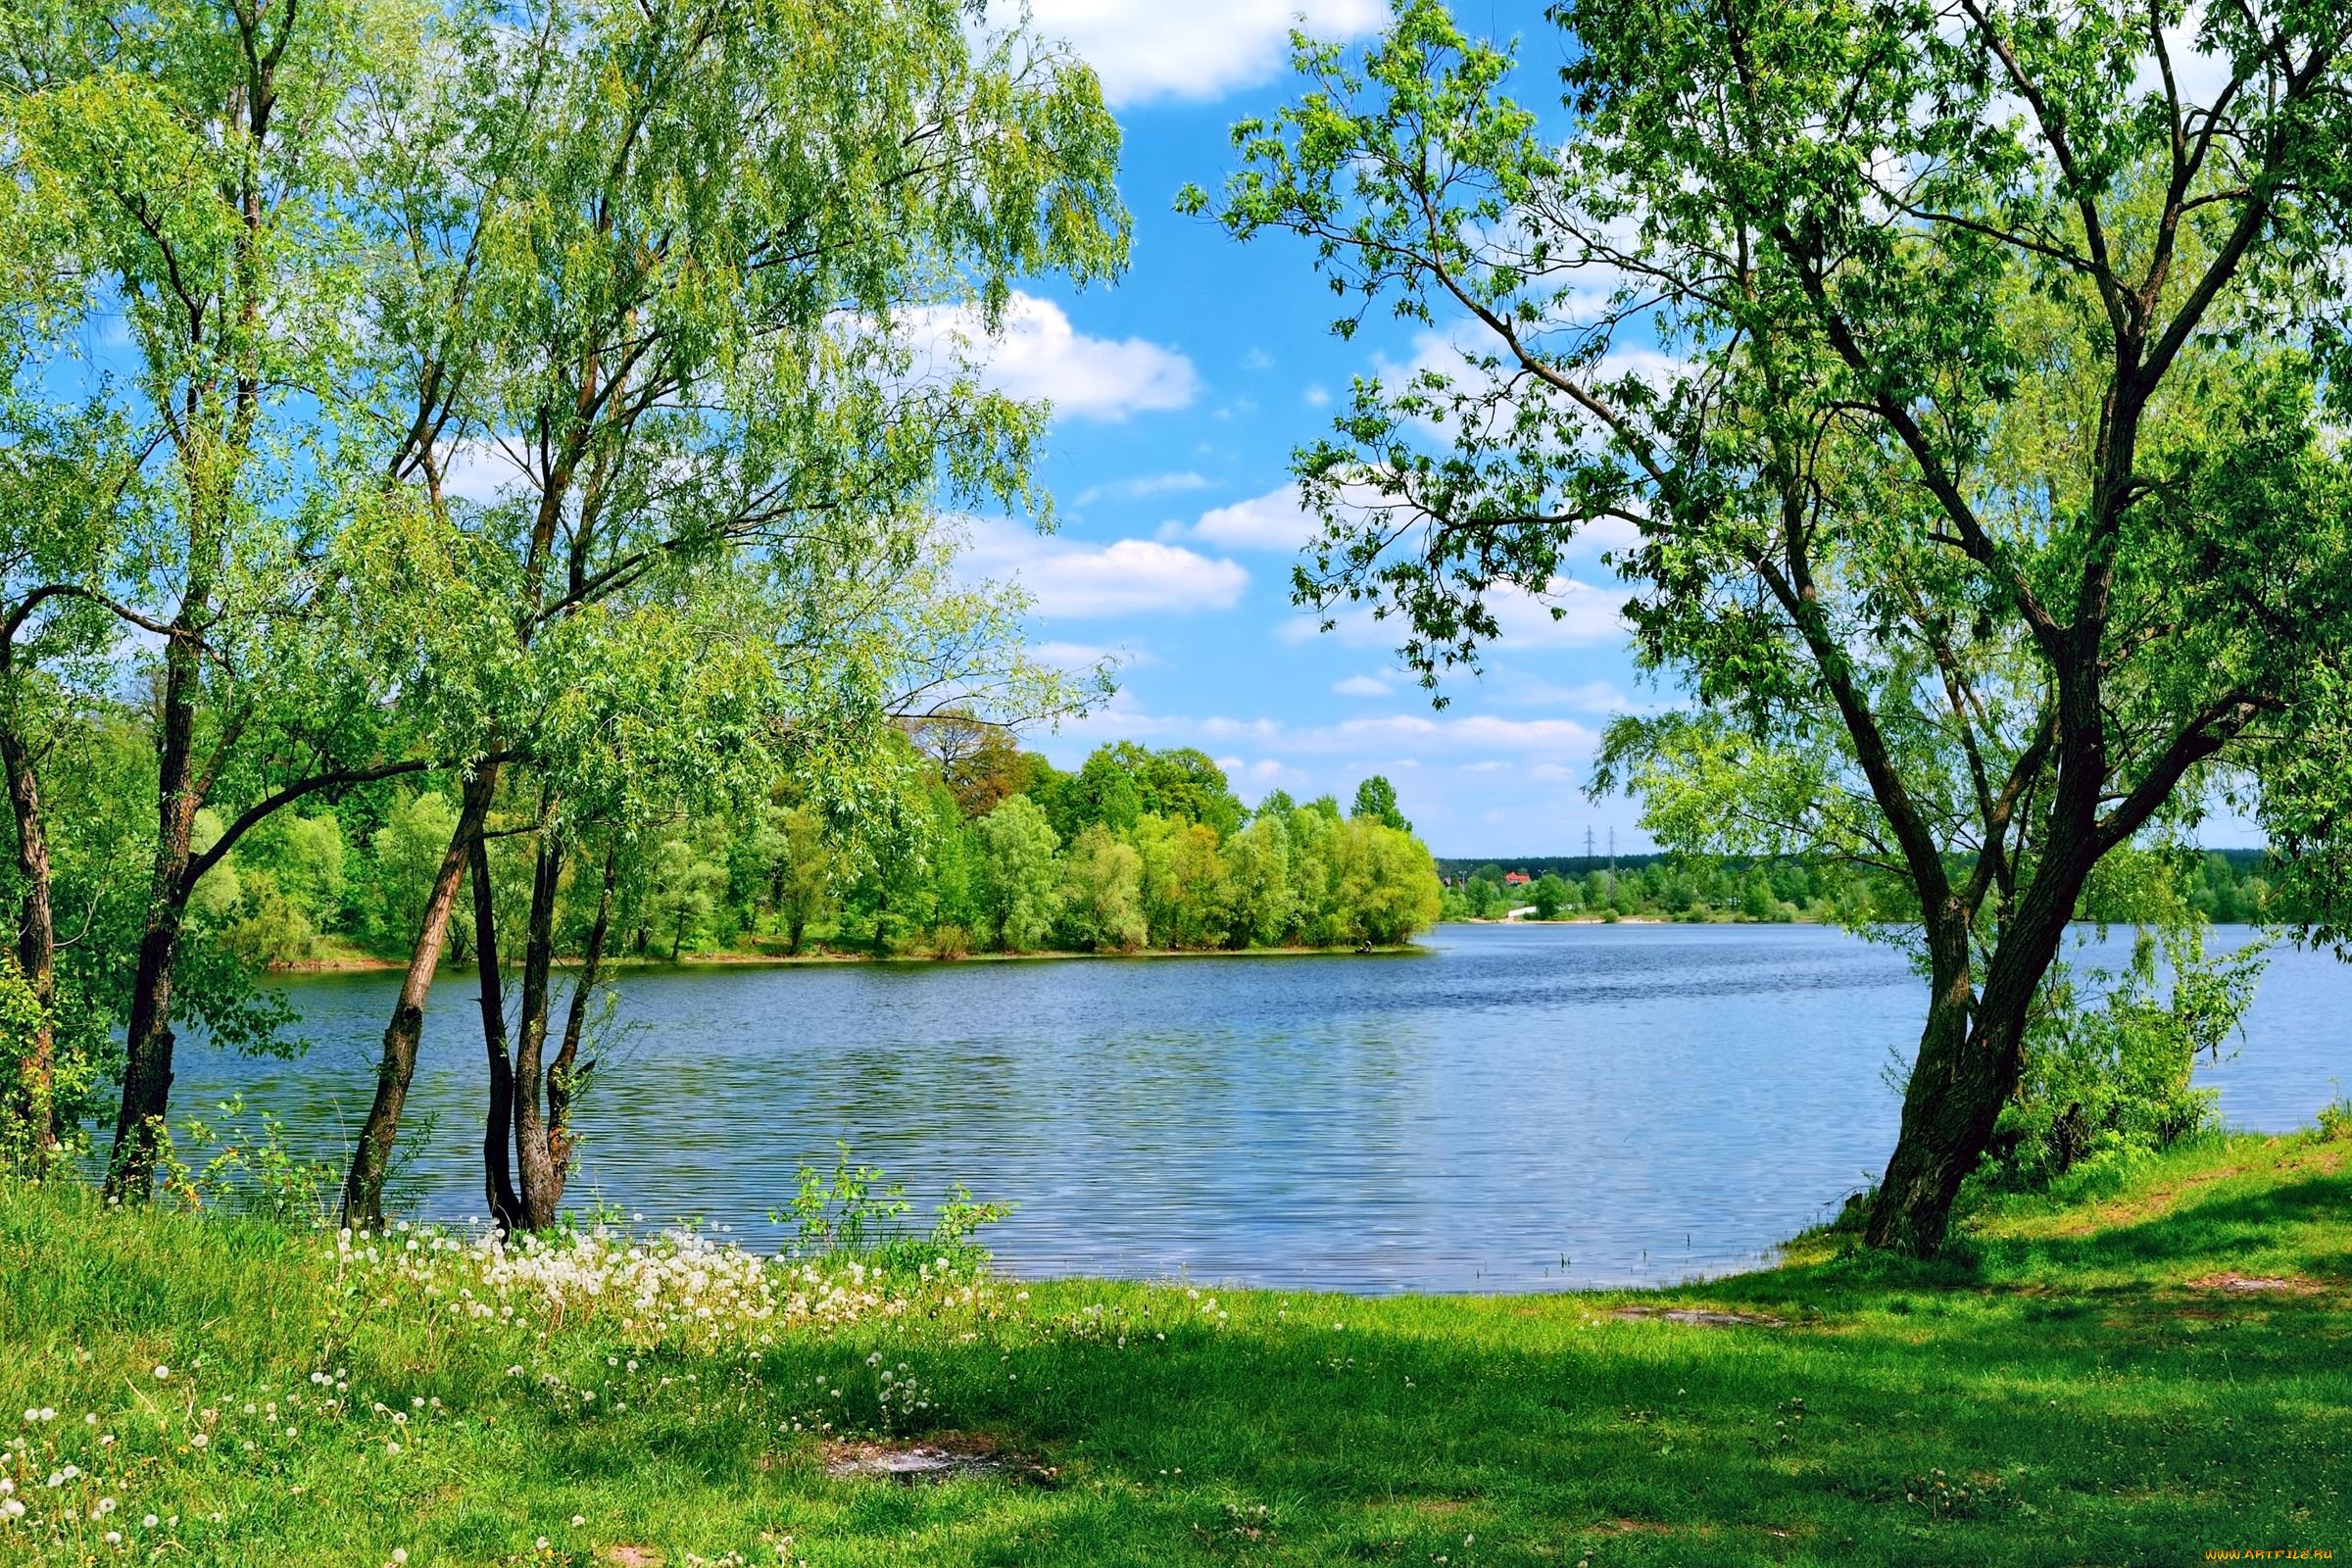 березы берег озеро  № 1195485 бесплатно